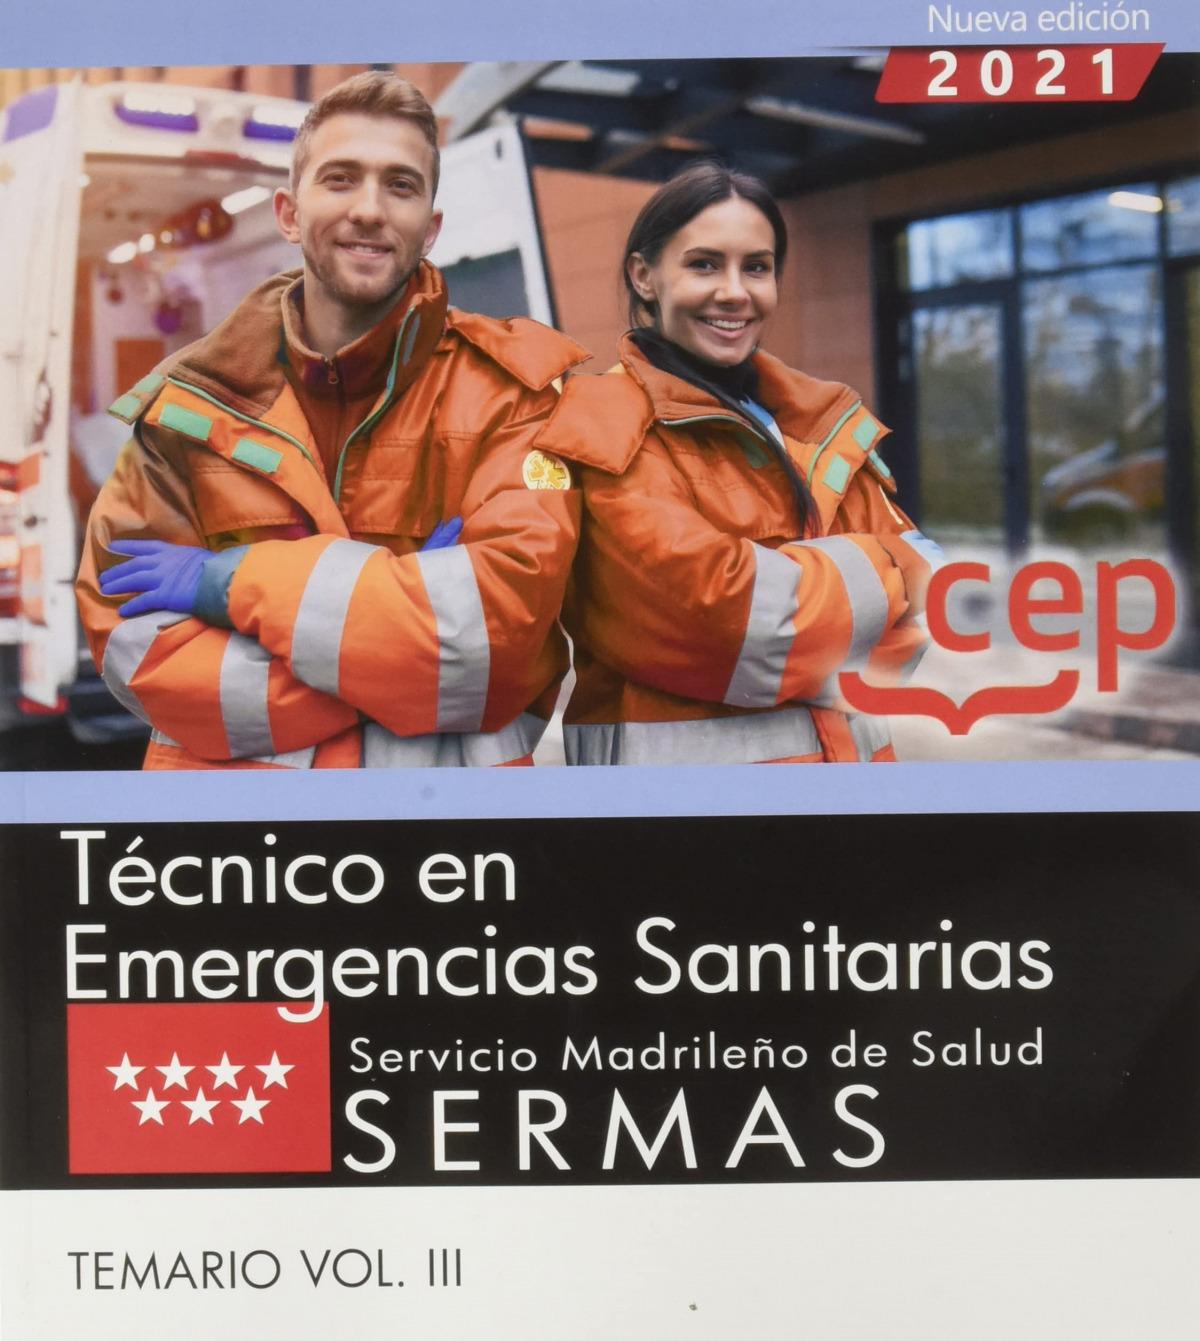 TÈCNICO EN EMERGENCIAS SANITARIAS.SERMAS.(TEMARIO VOL.II)